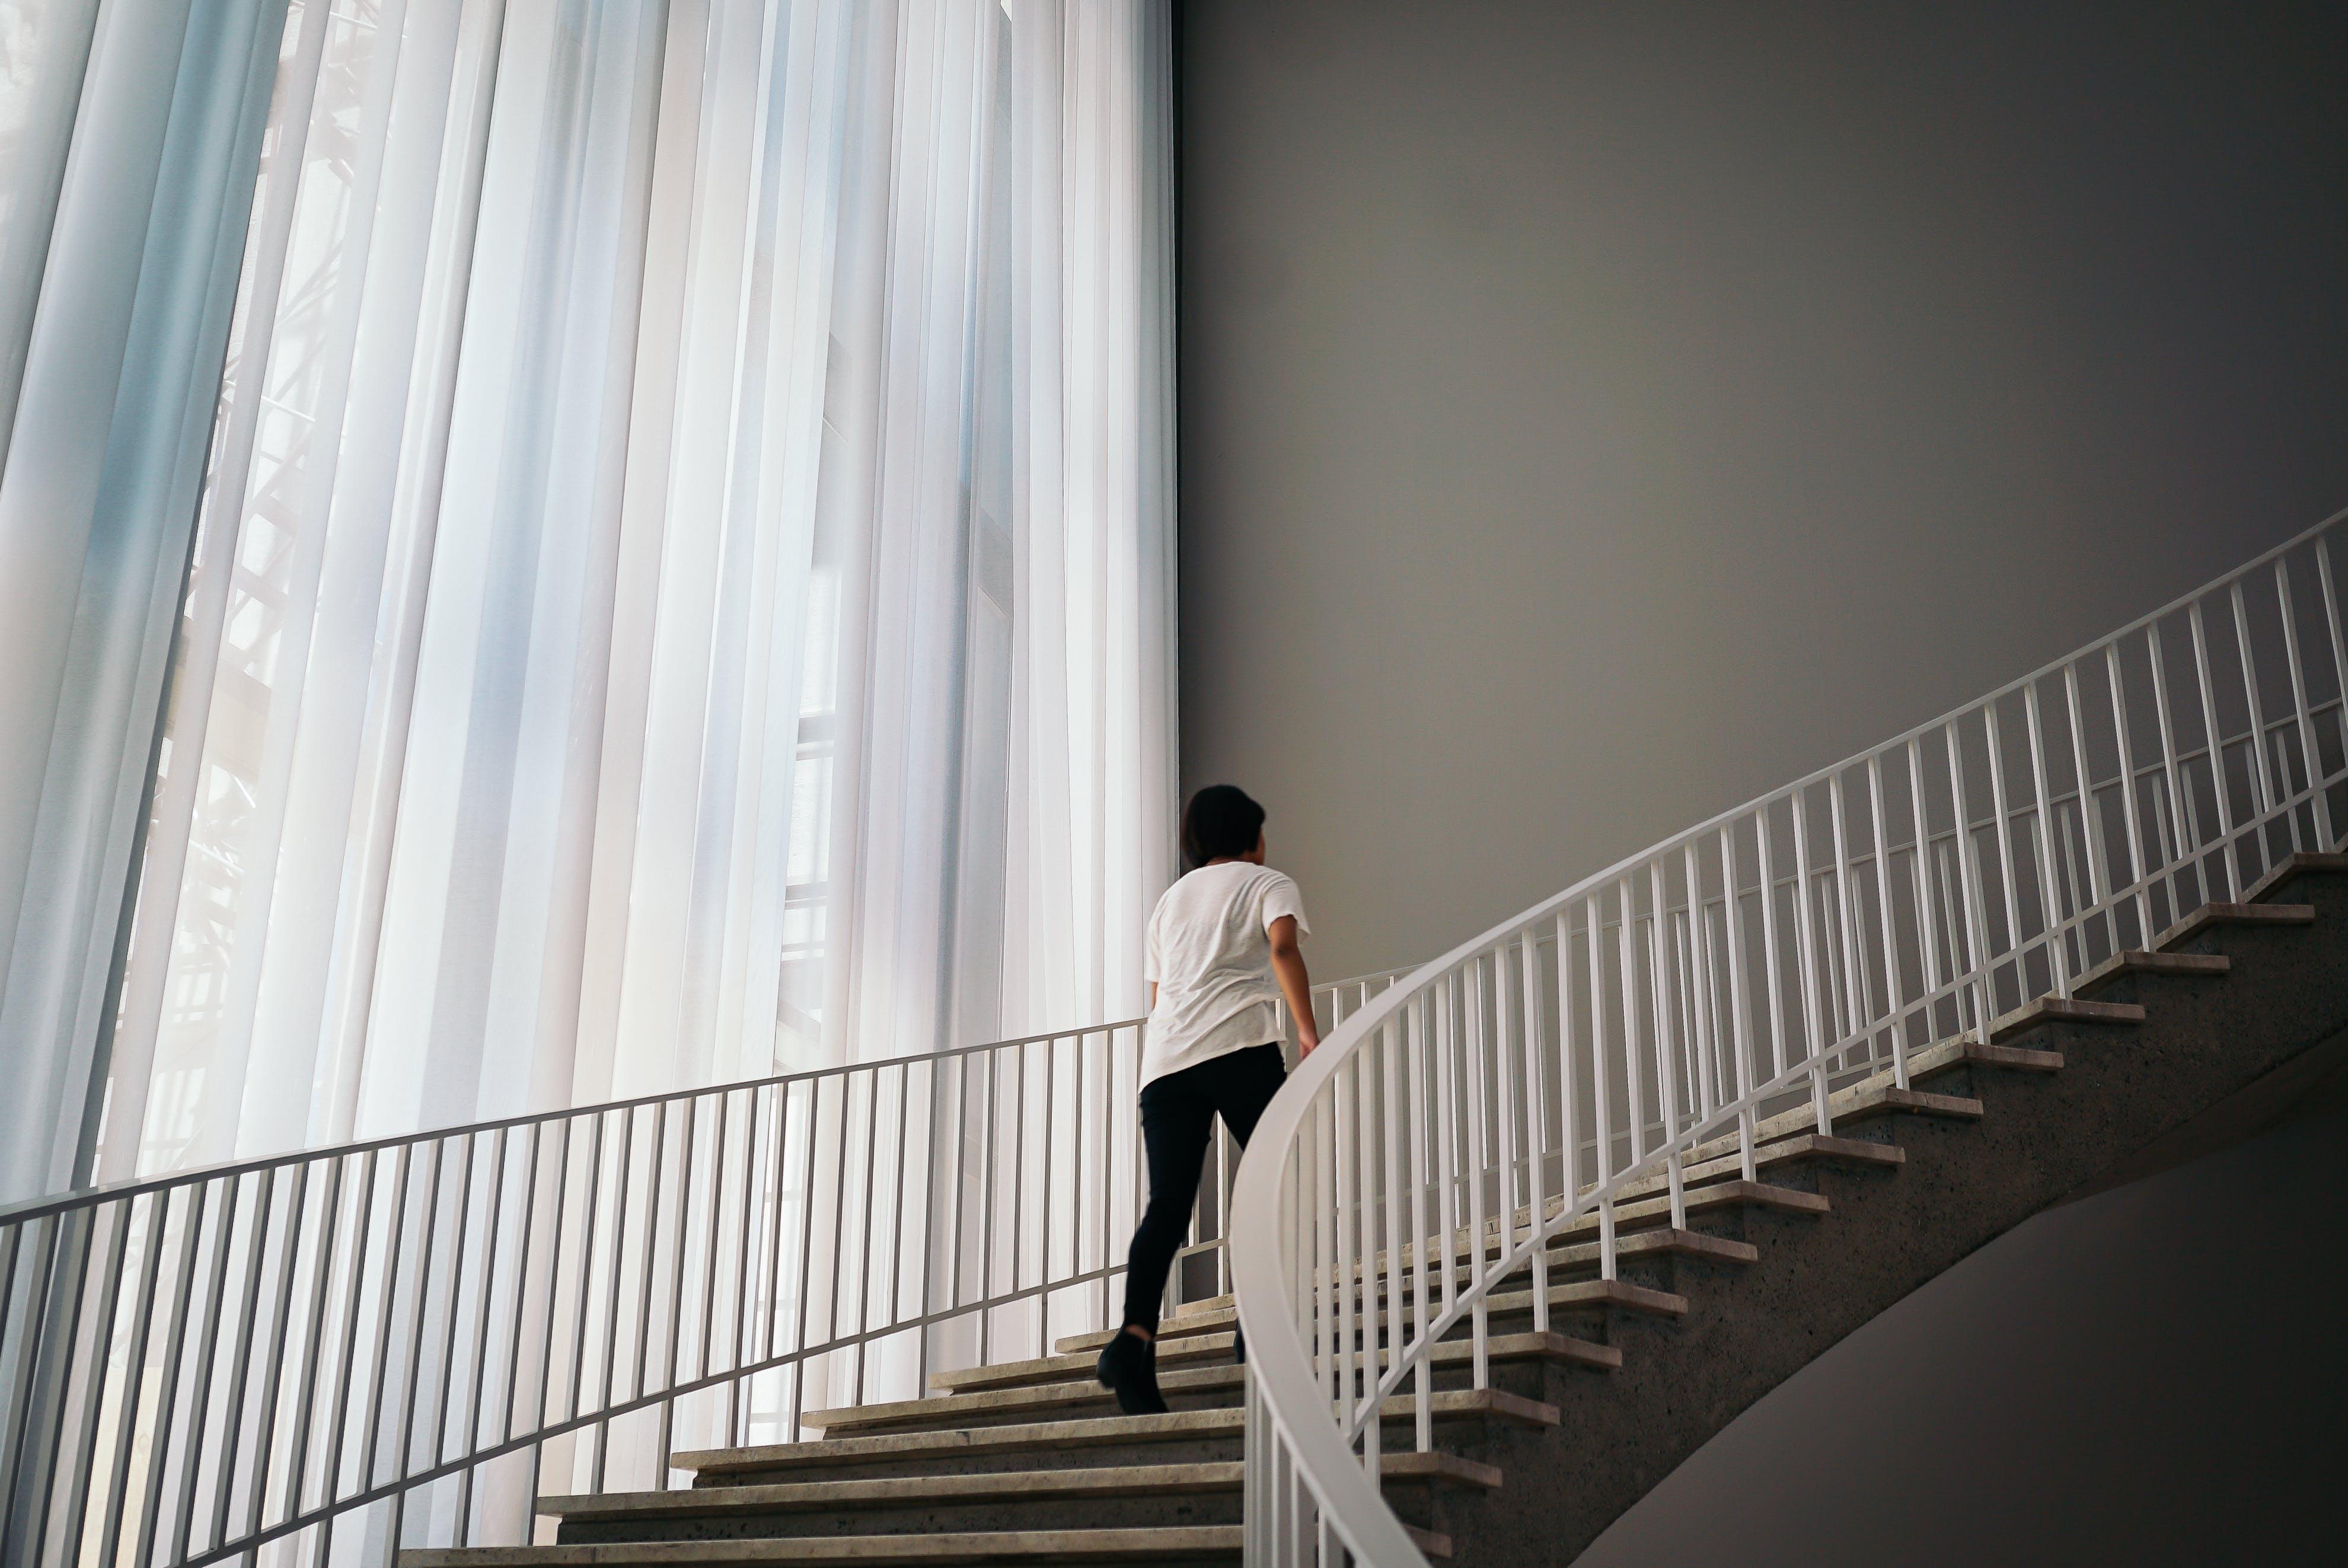 Immagine gratuita di architettura, dentro, edificio, interni